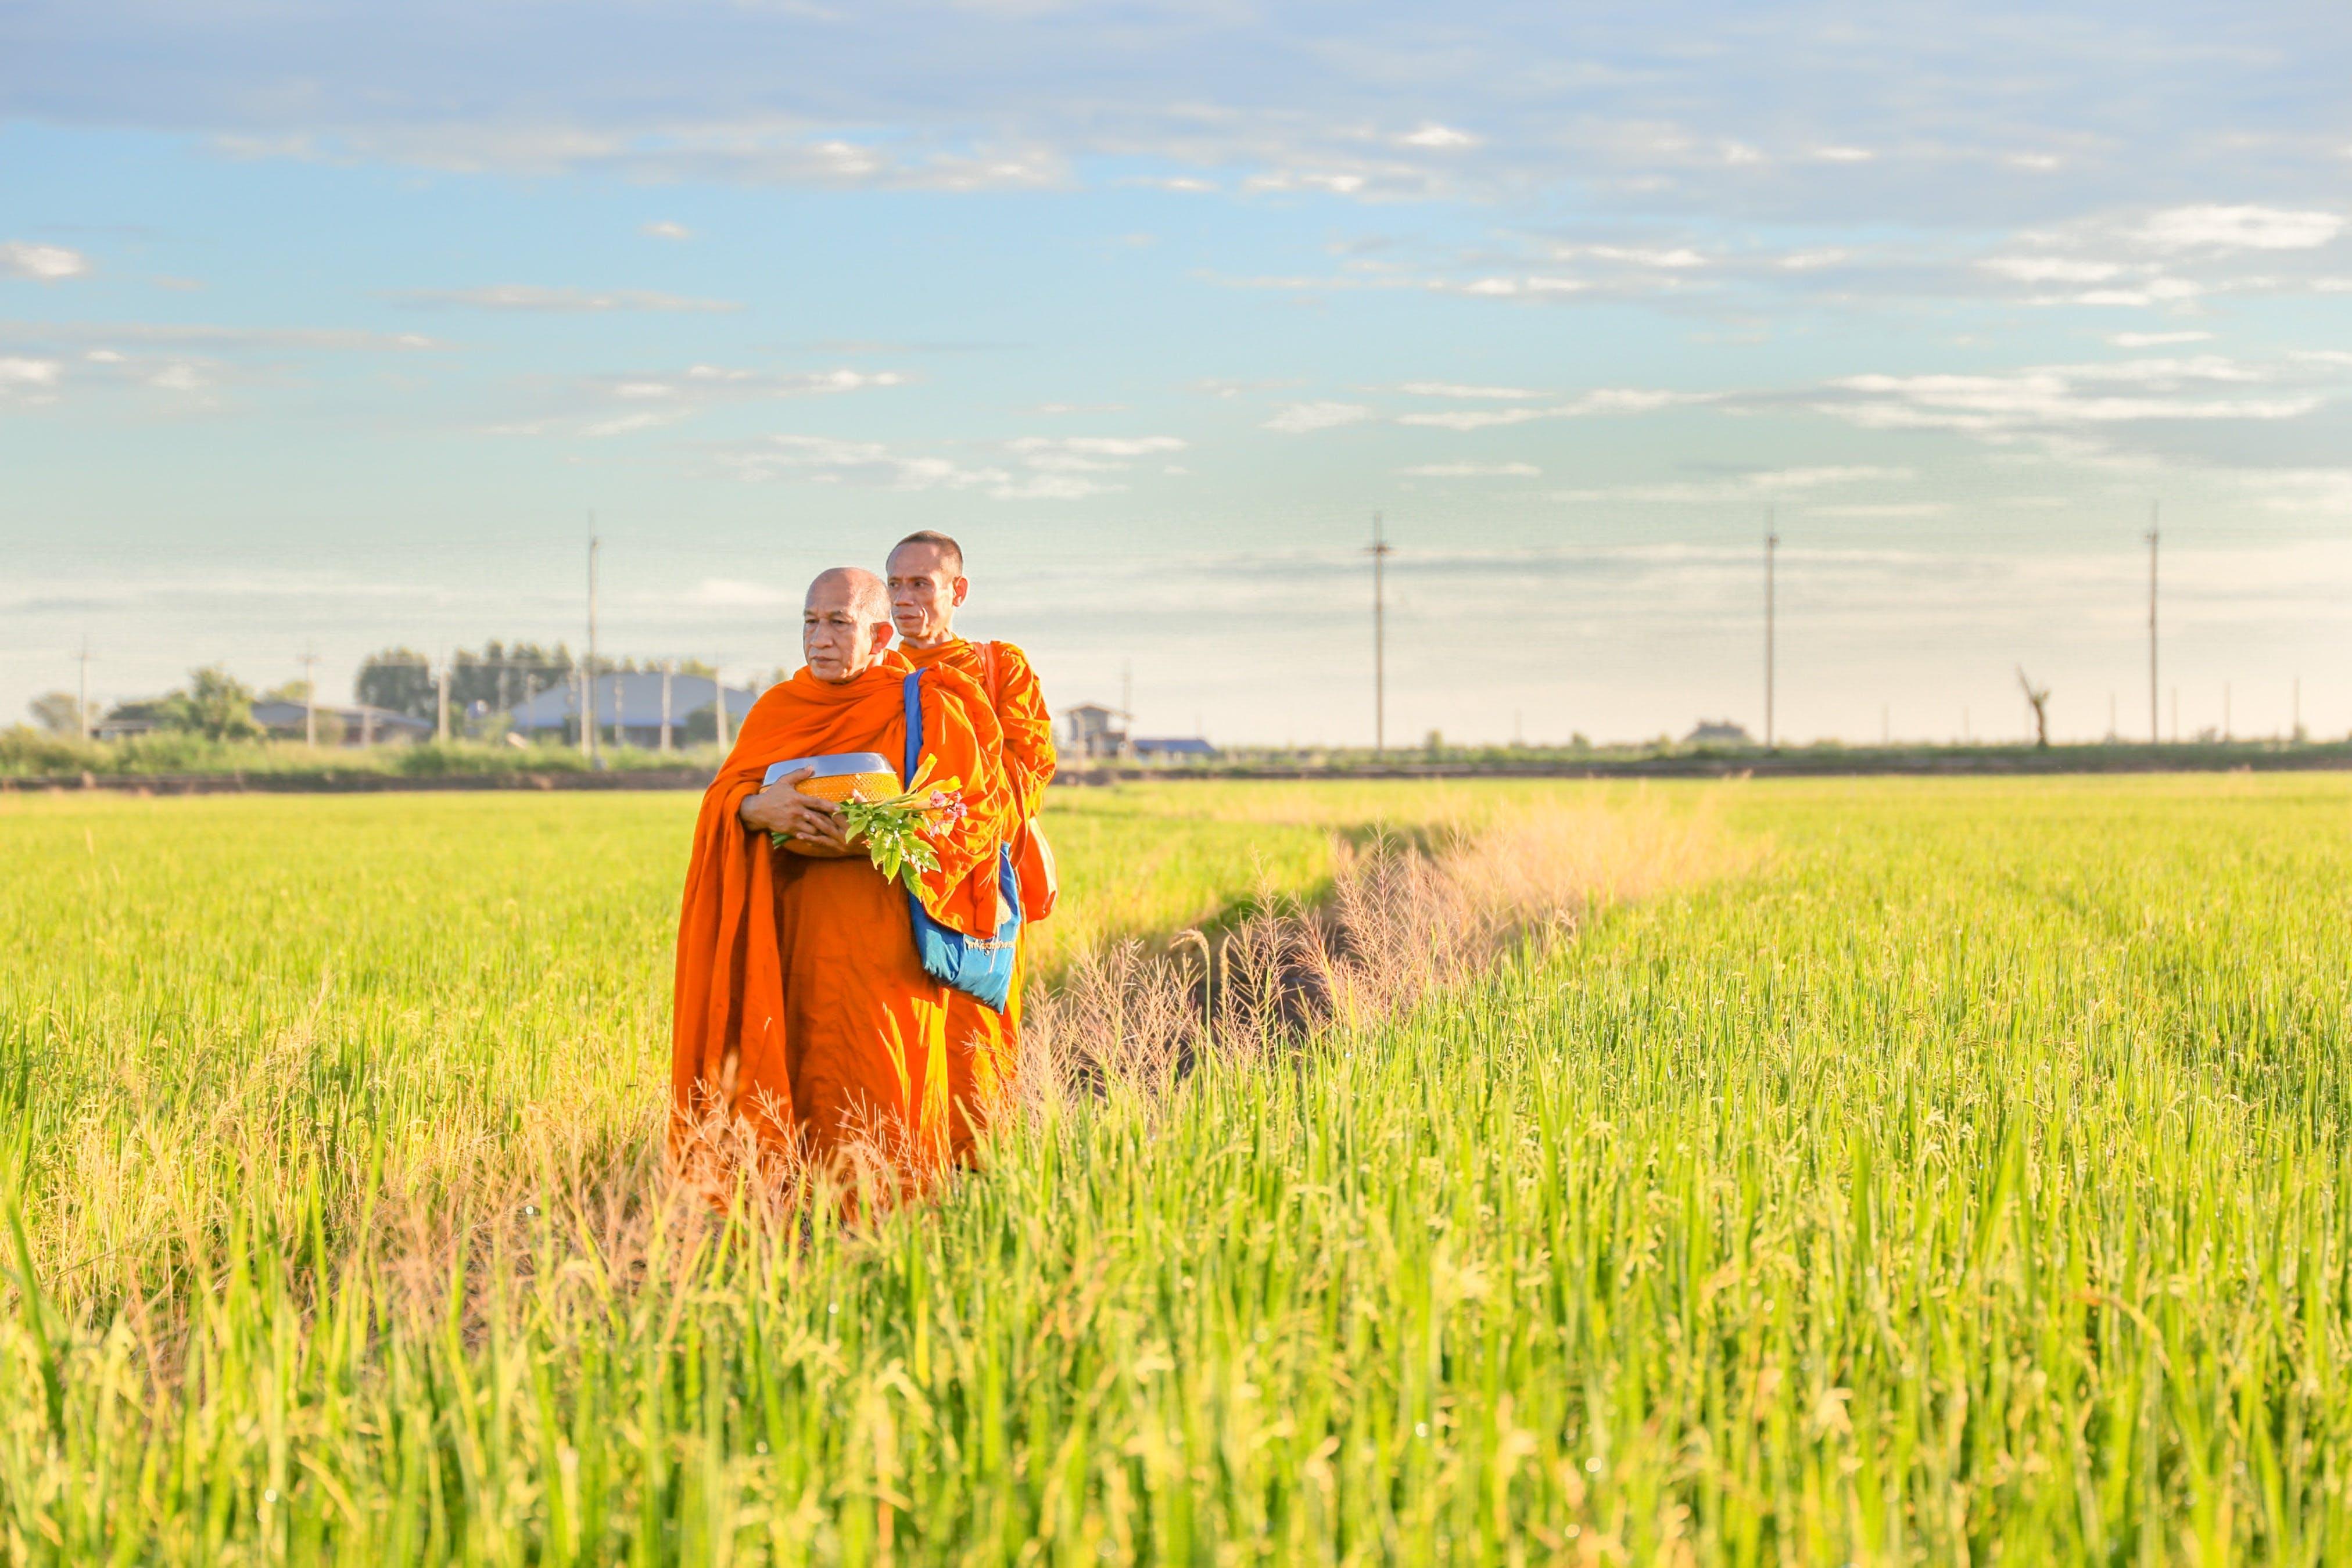 Men Standing on Grass Field